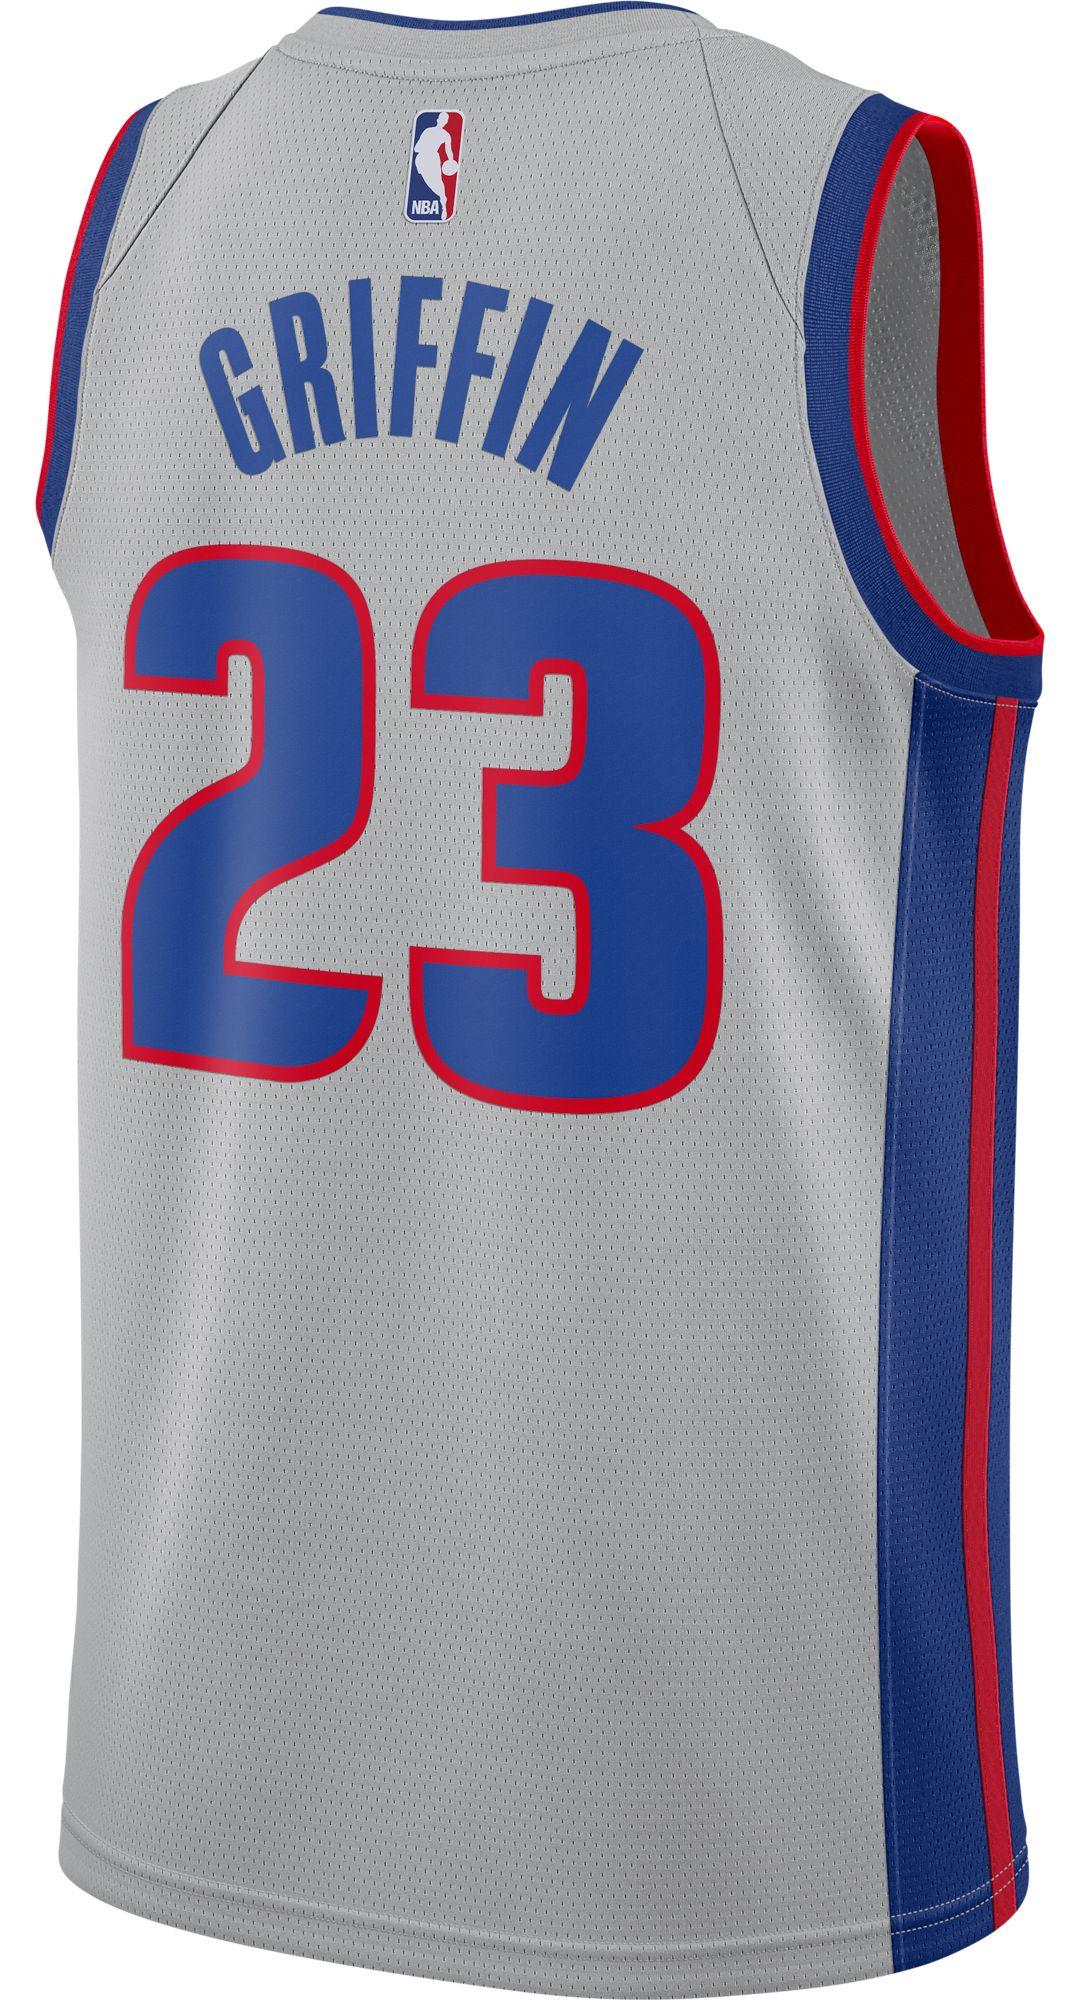 brand new b018e 850ab Nike Men's Detroit Pistons Blake Griffin #23 Grey Dri-FIT Swingman Jersey